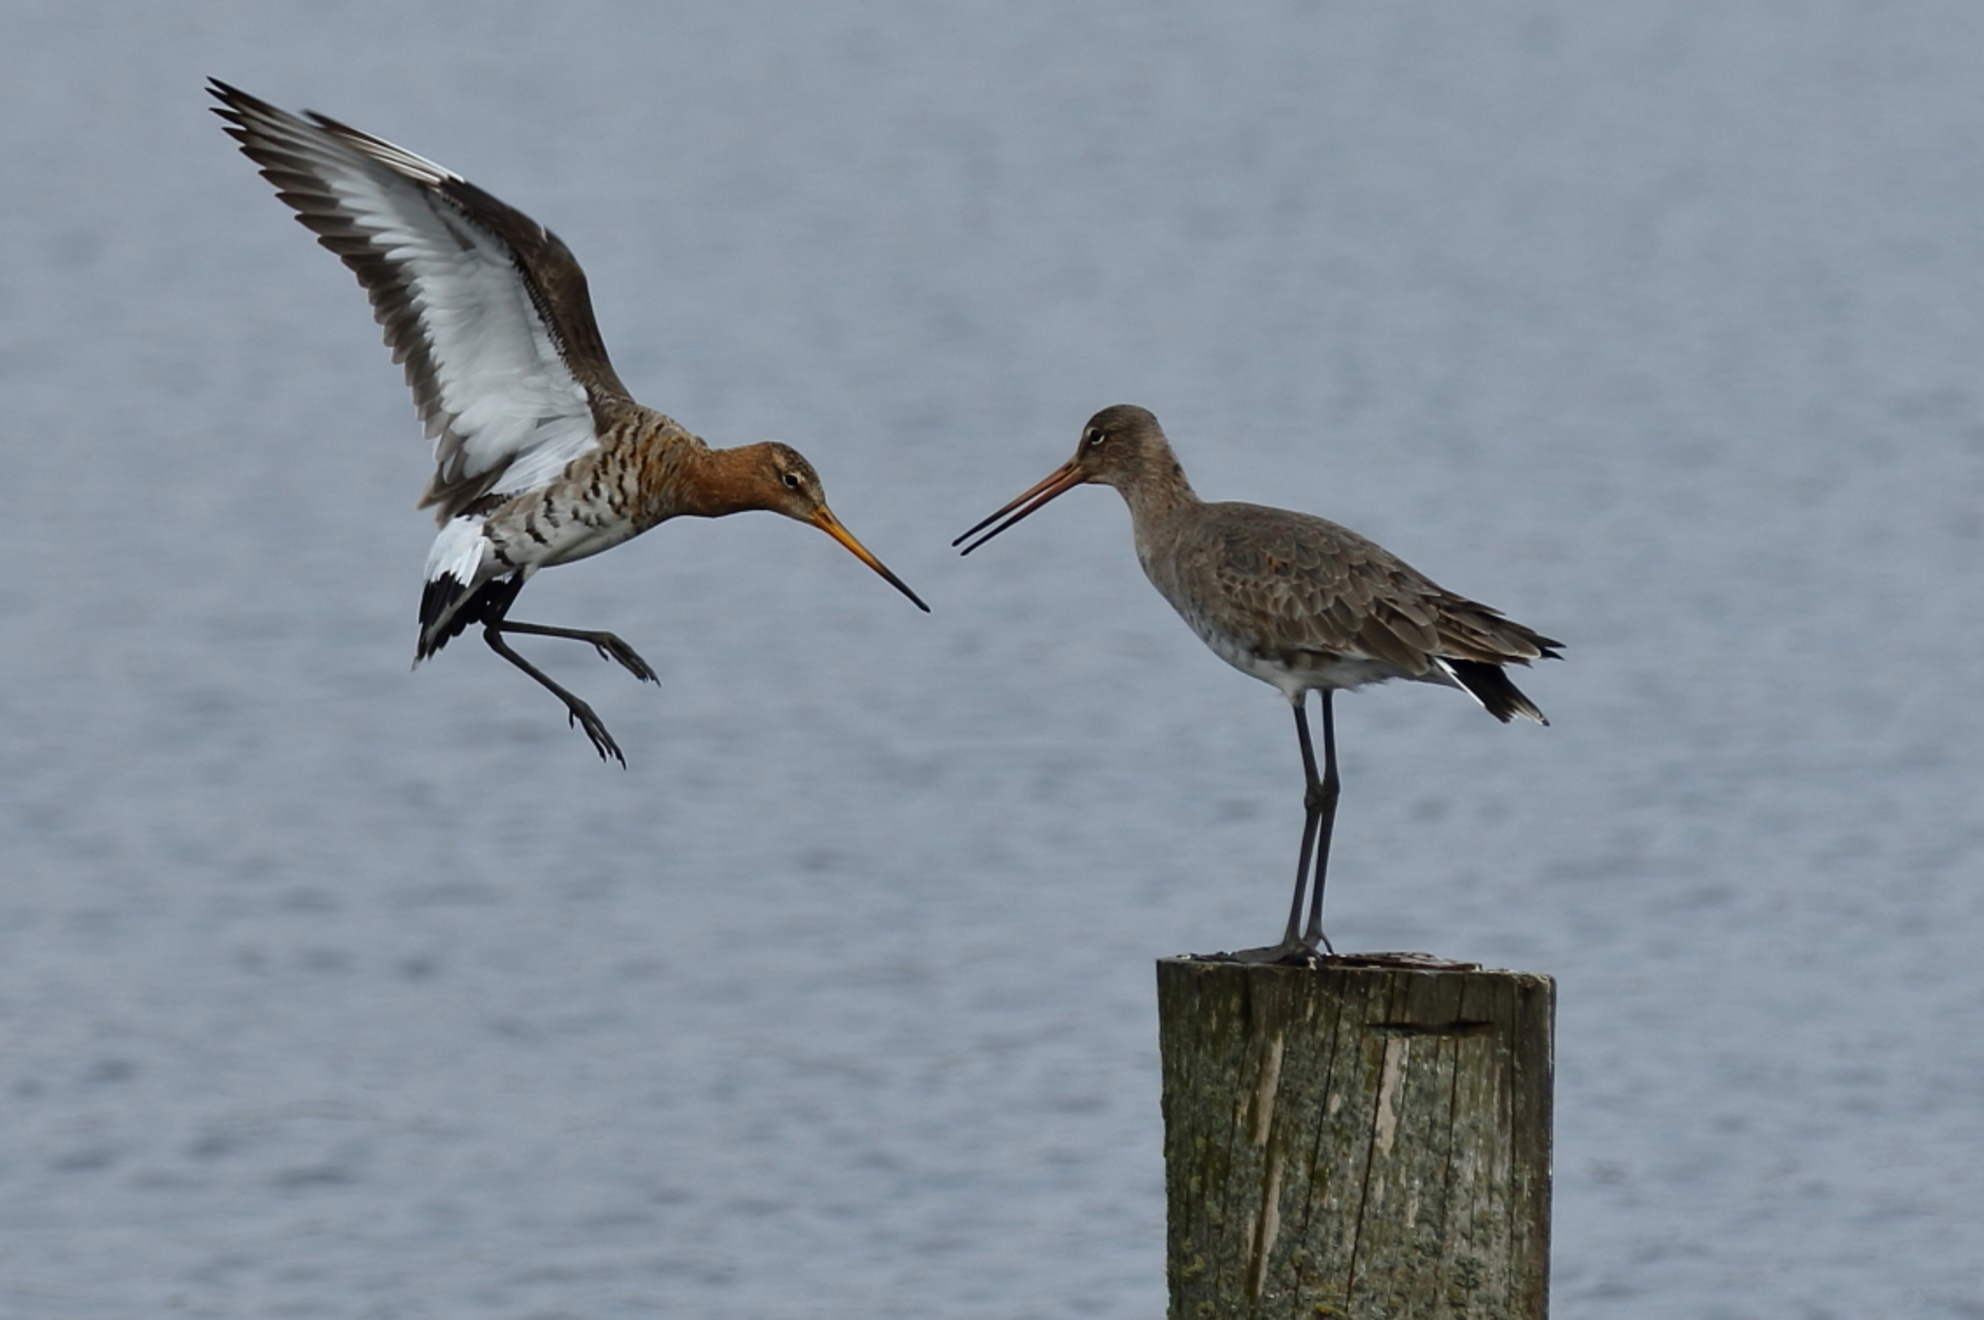 Aan elkaar gewaagd zijn - grutto - foto door AnneliesV op 28-02-2021 - deze foto bevat: water, natuur, dieren, vogel - Deze foto mag gebruikt worden in een Zoom.nl publicatie